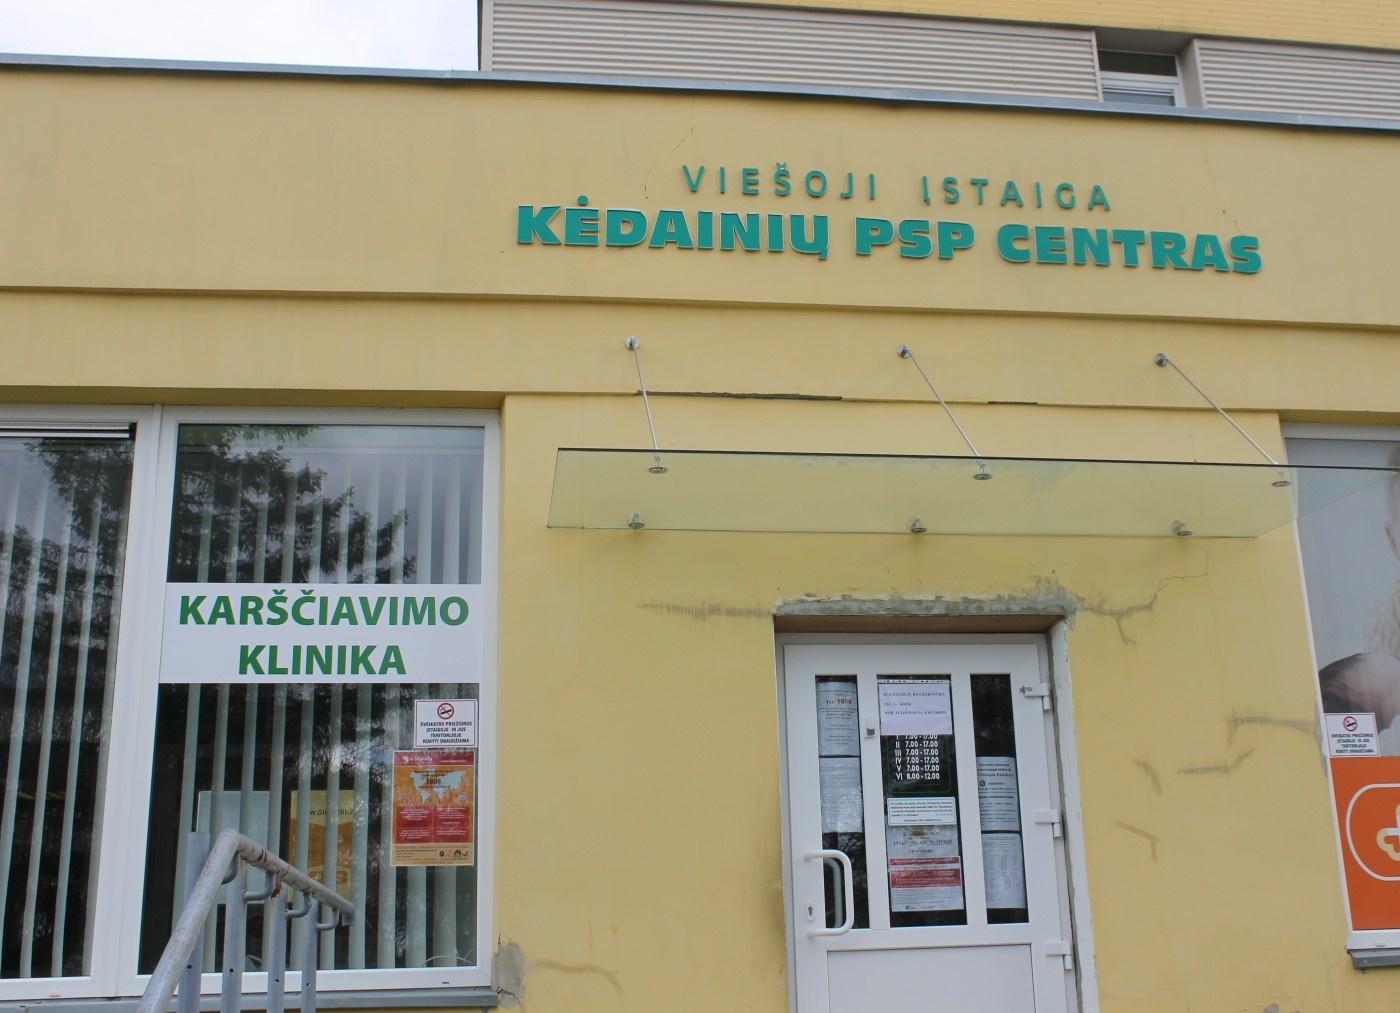 Kėdainiuose atidaryta Karščiavimo klinika